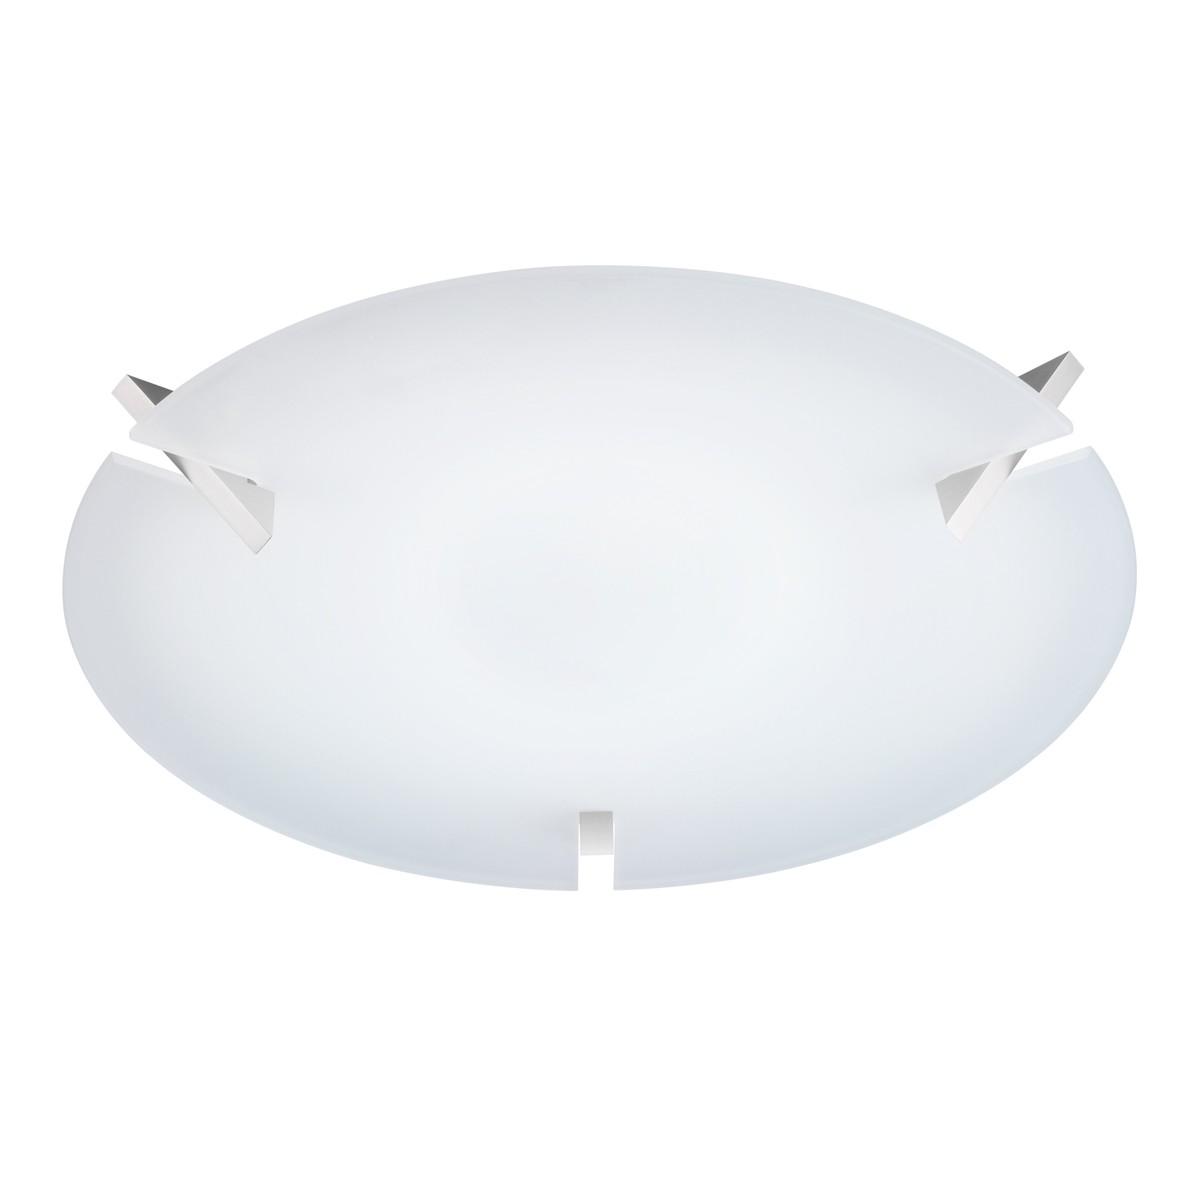 Knapstein 91.30x Deckenleuchte, LED, Nickel matt